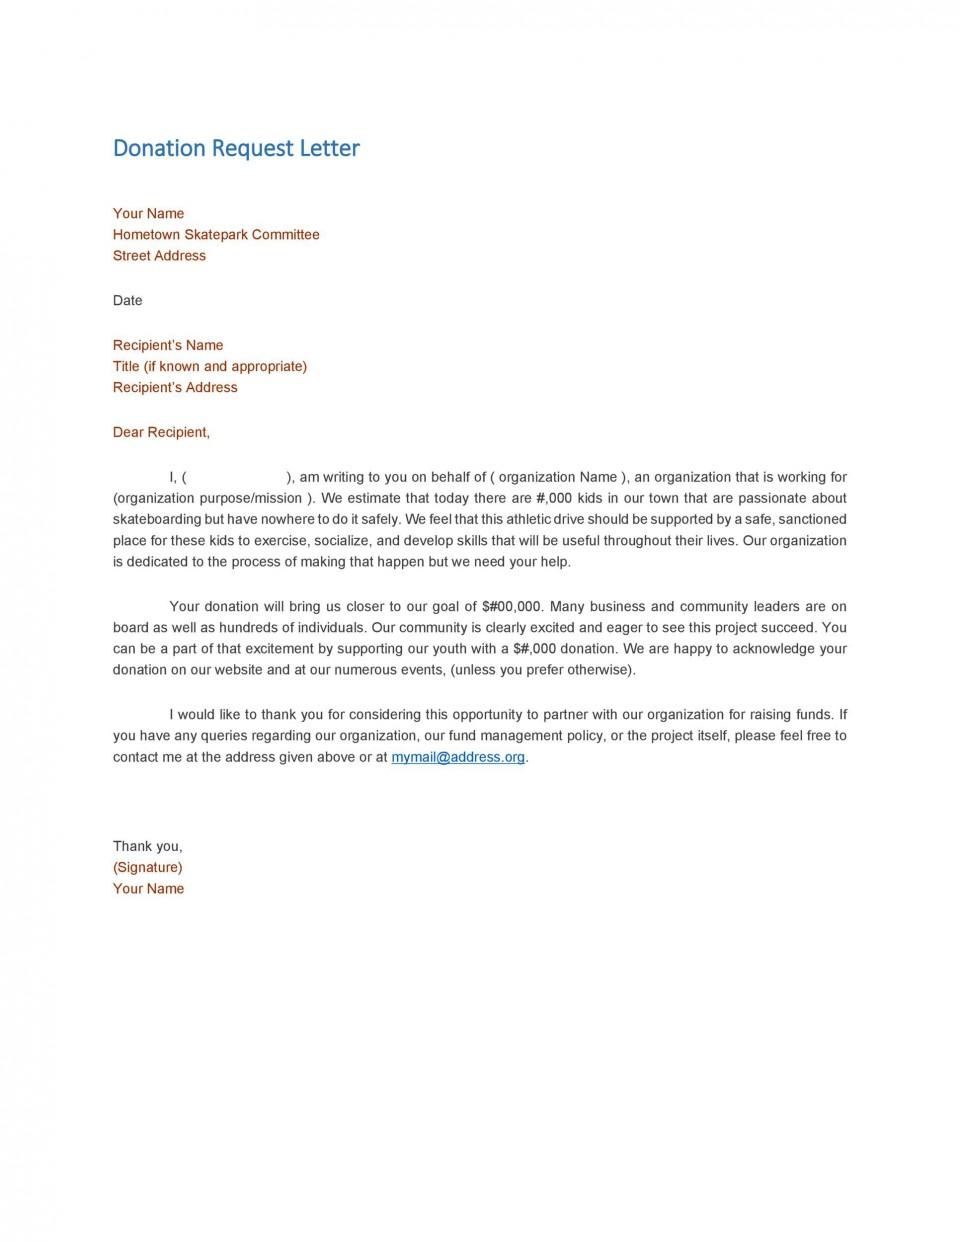 004 Wondrou In Kind Donation Letter Template Idea  Request Acknowledgement Receipt960